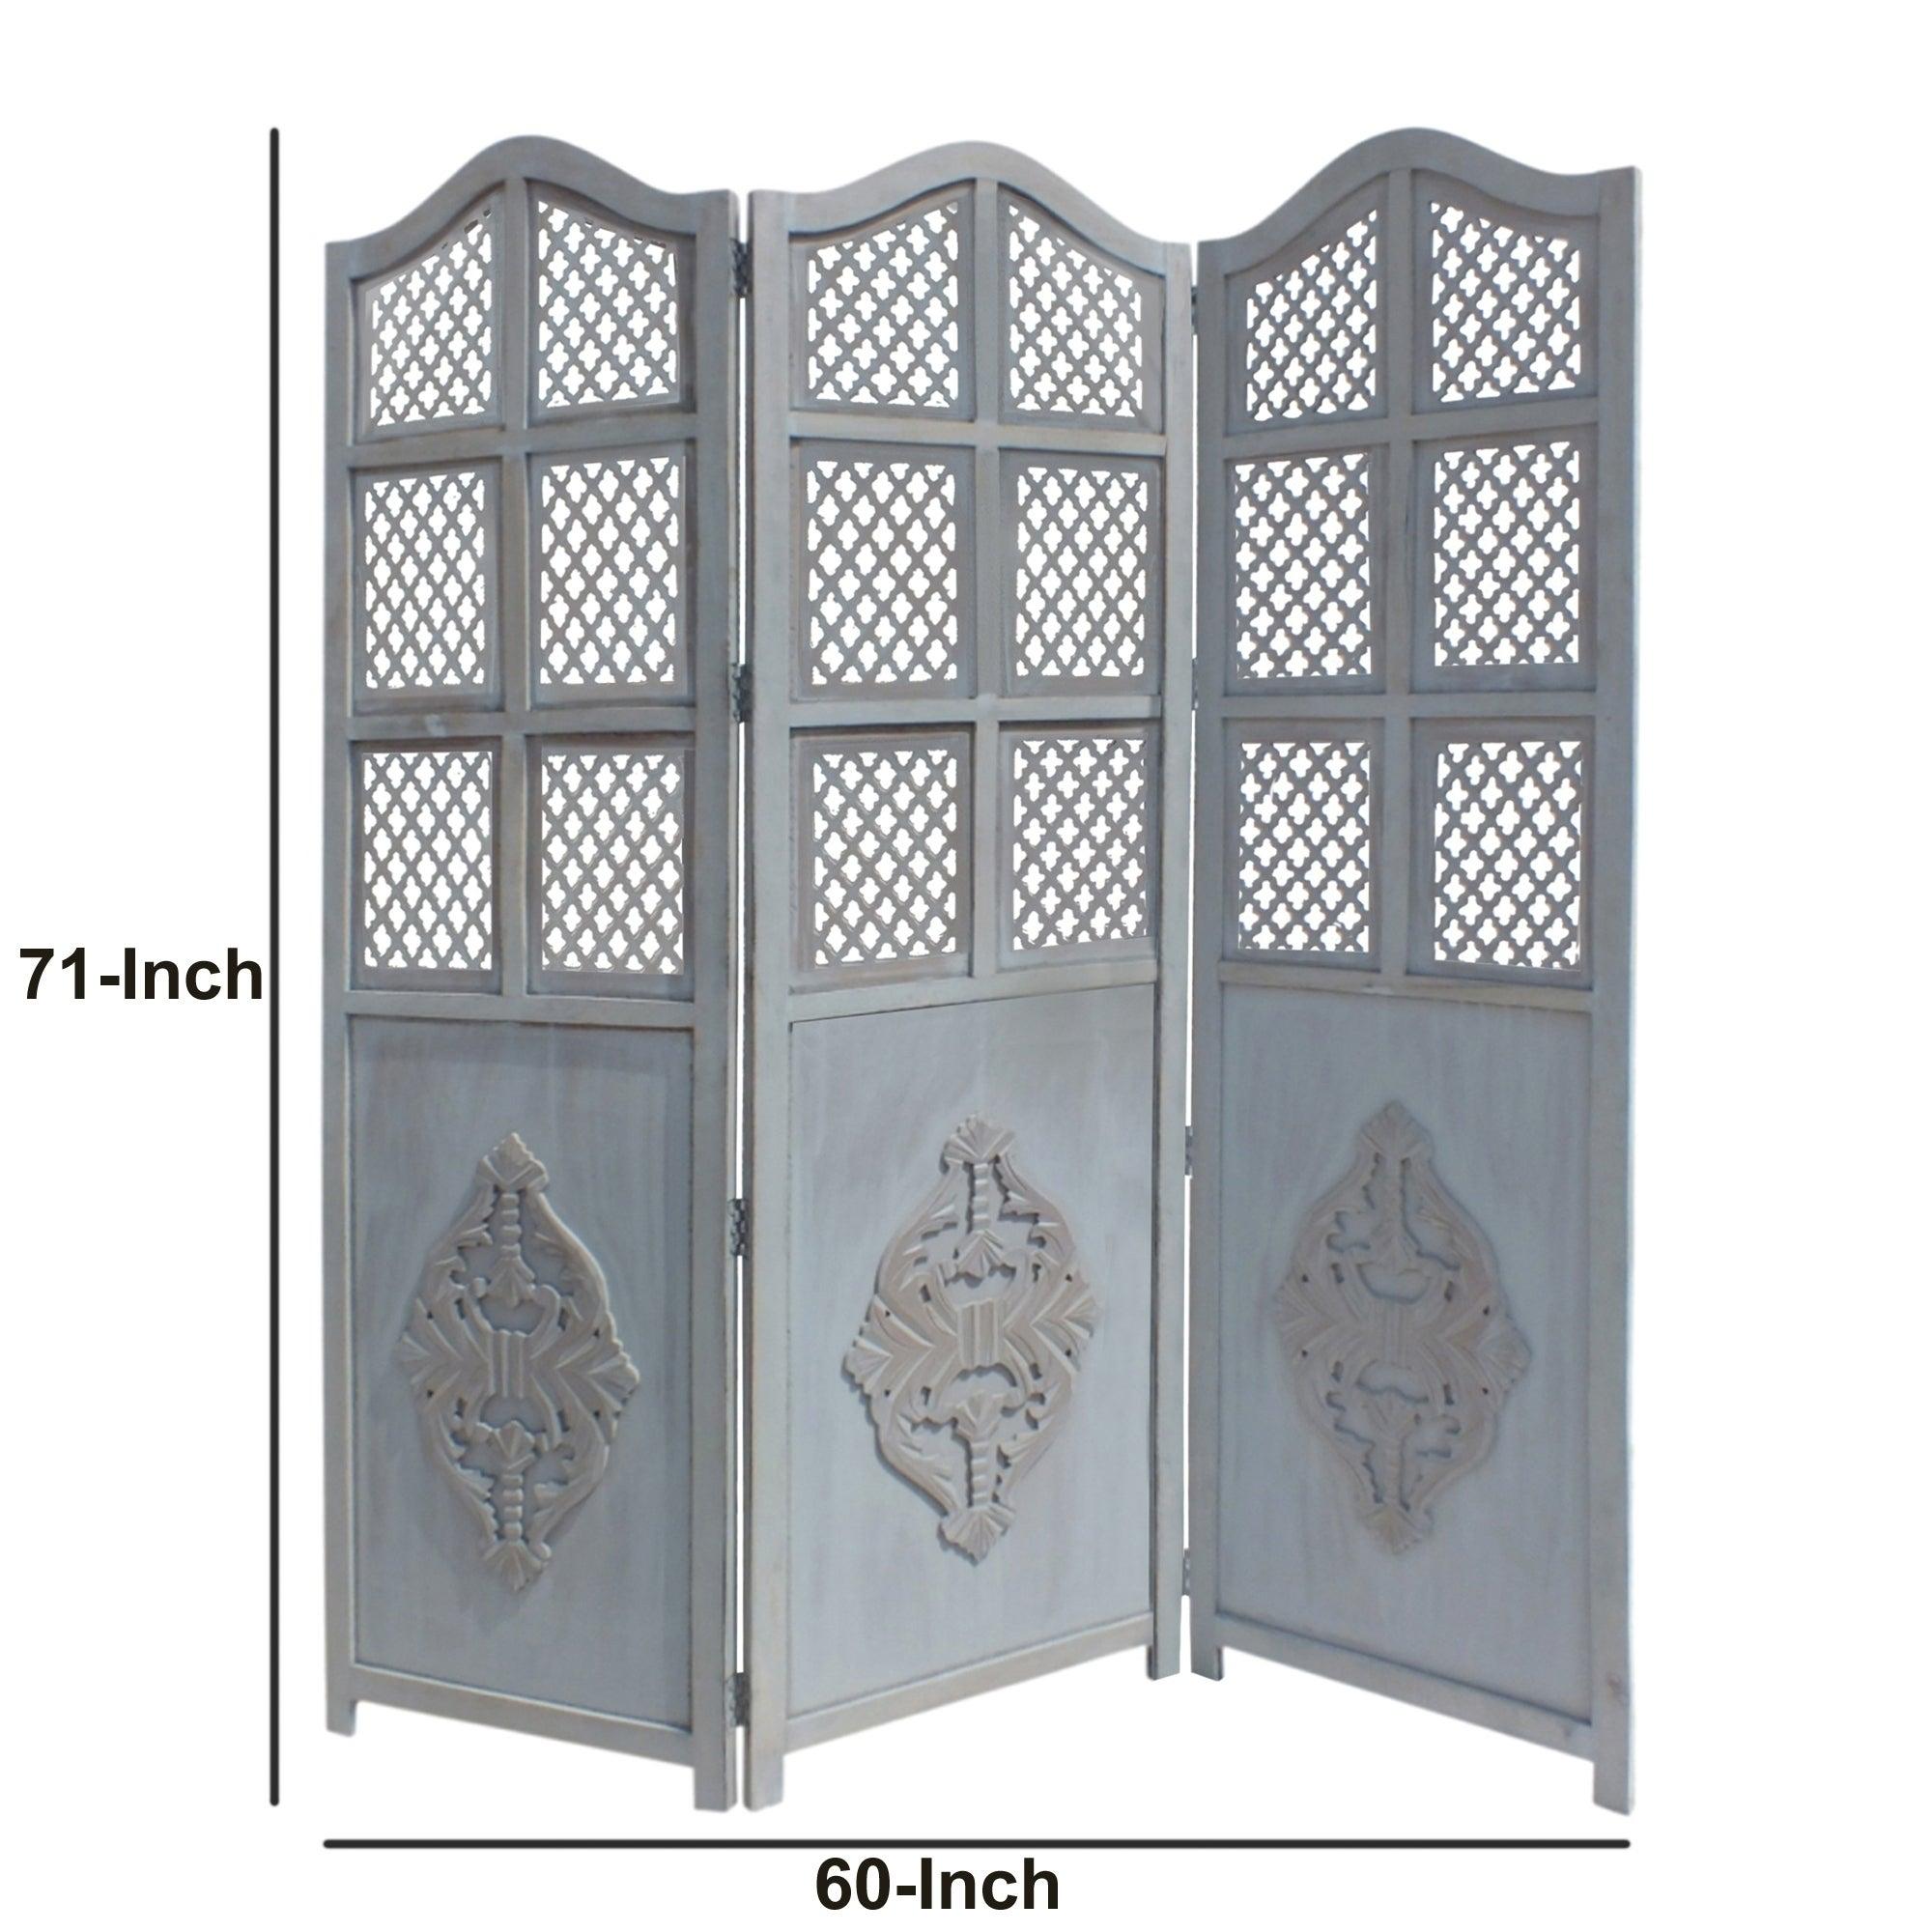 Wooden-3 Panel Foldable Room-Divider Blue